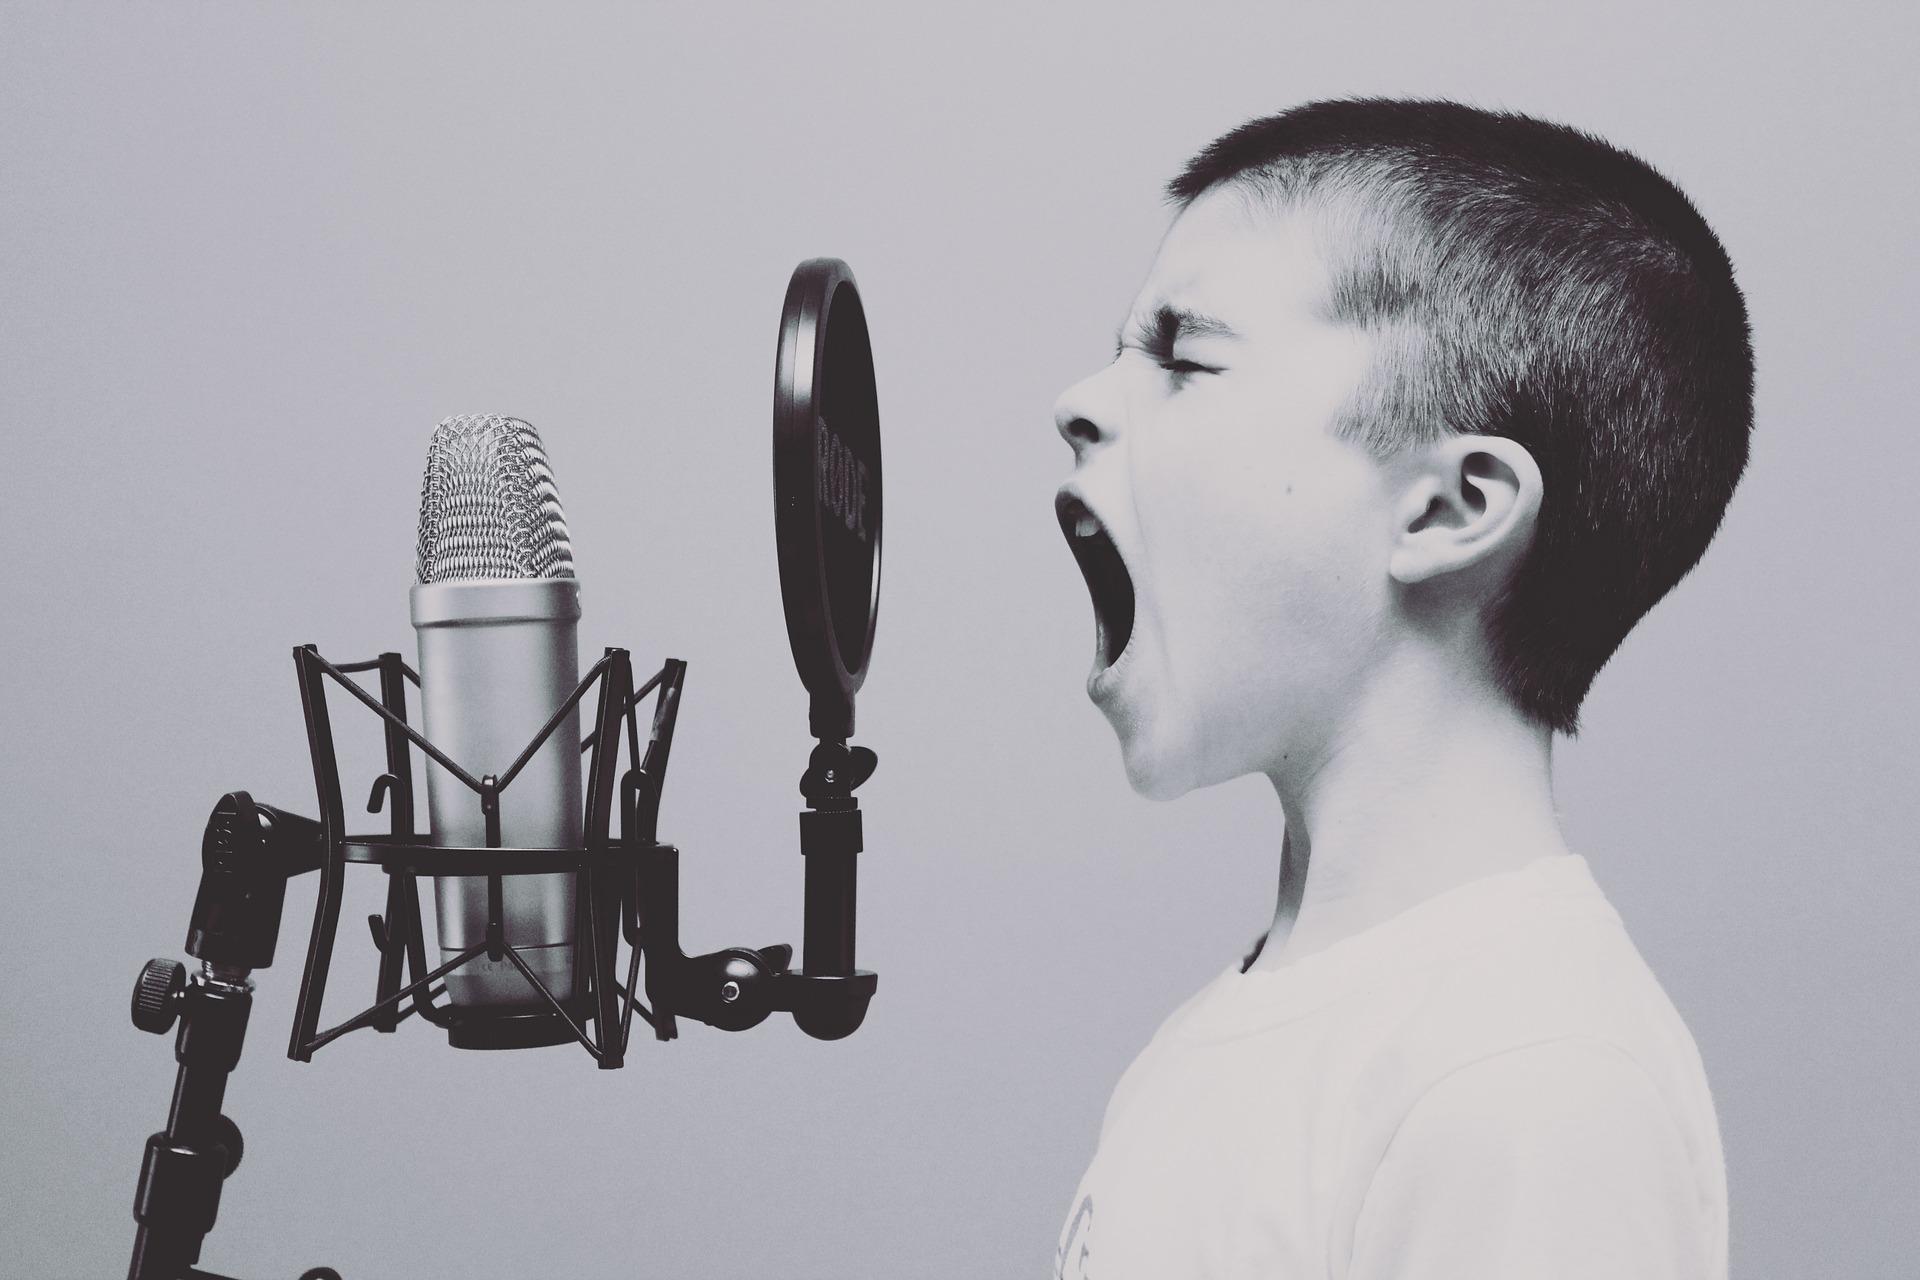 aplicativos para aprender inglês cantando